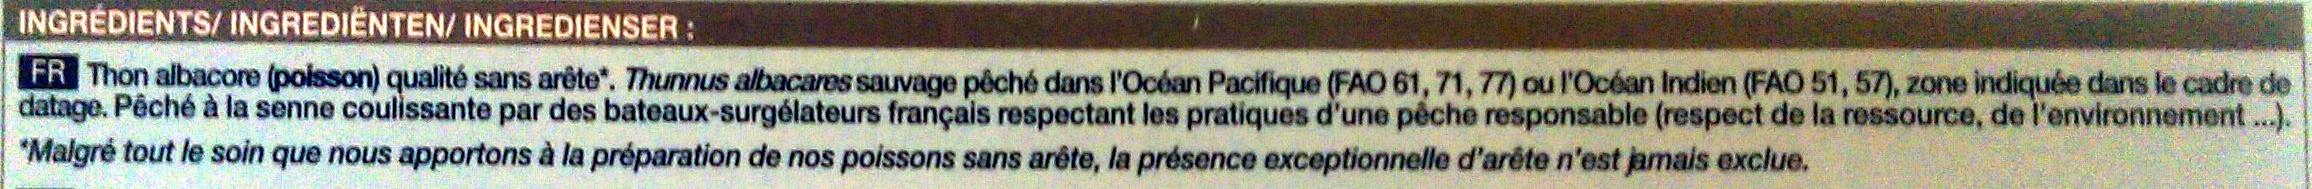 2 pavés de thon albacore - Ingredienti - fr